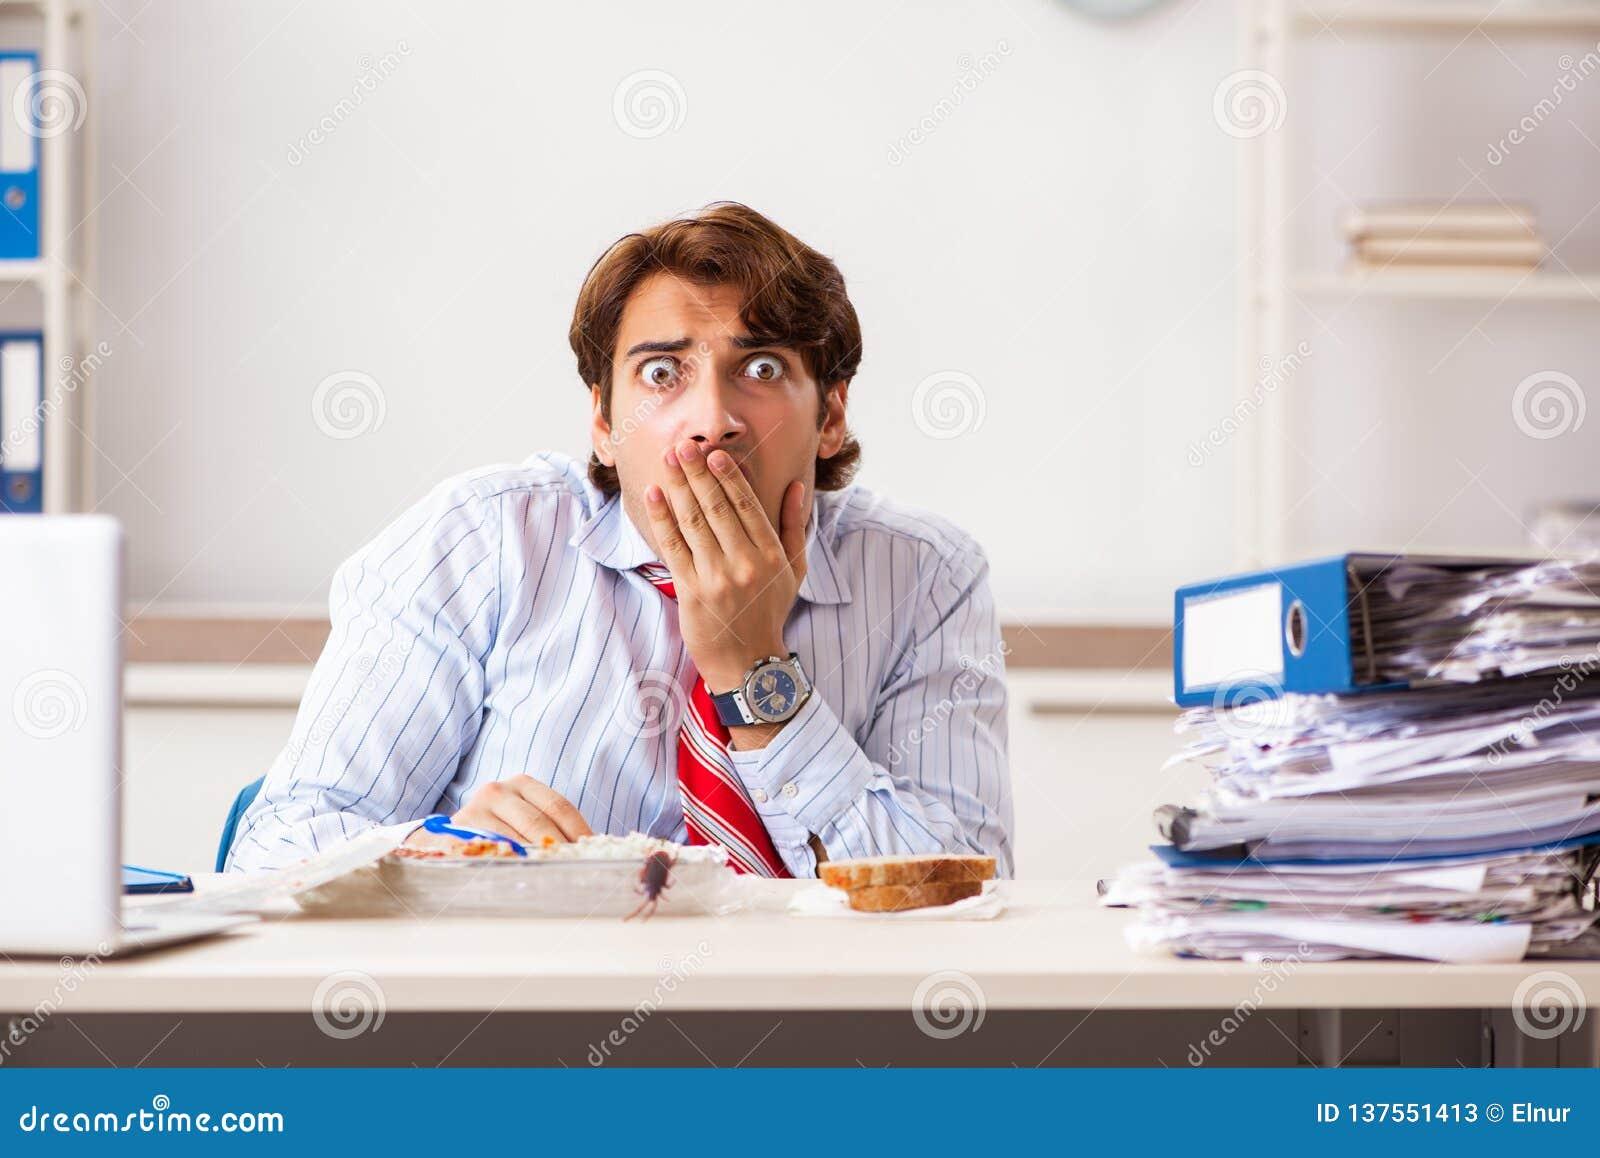 Der Angestellte, der Nahrung mit den Schaben herum kriechen isst